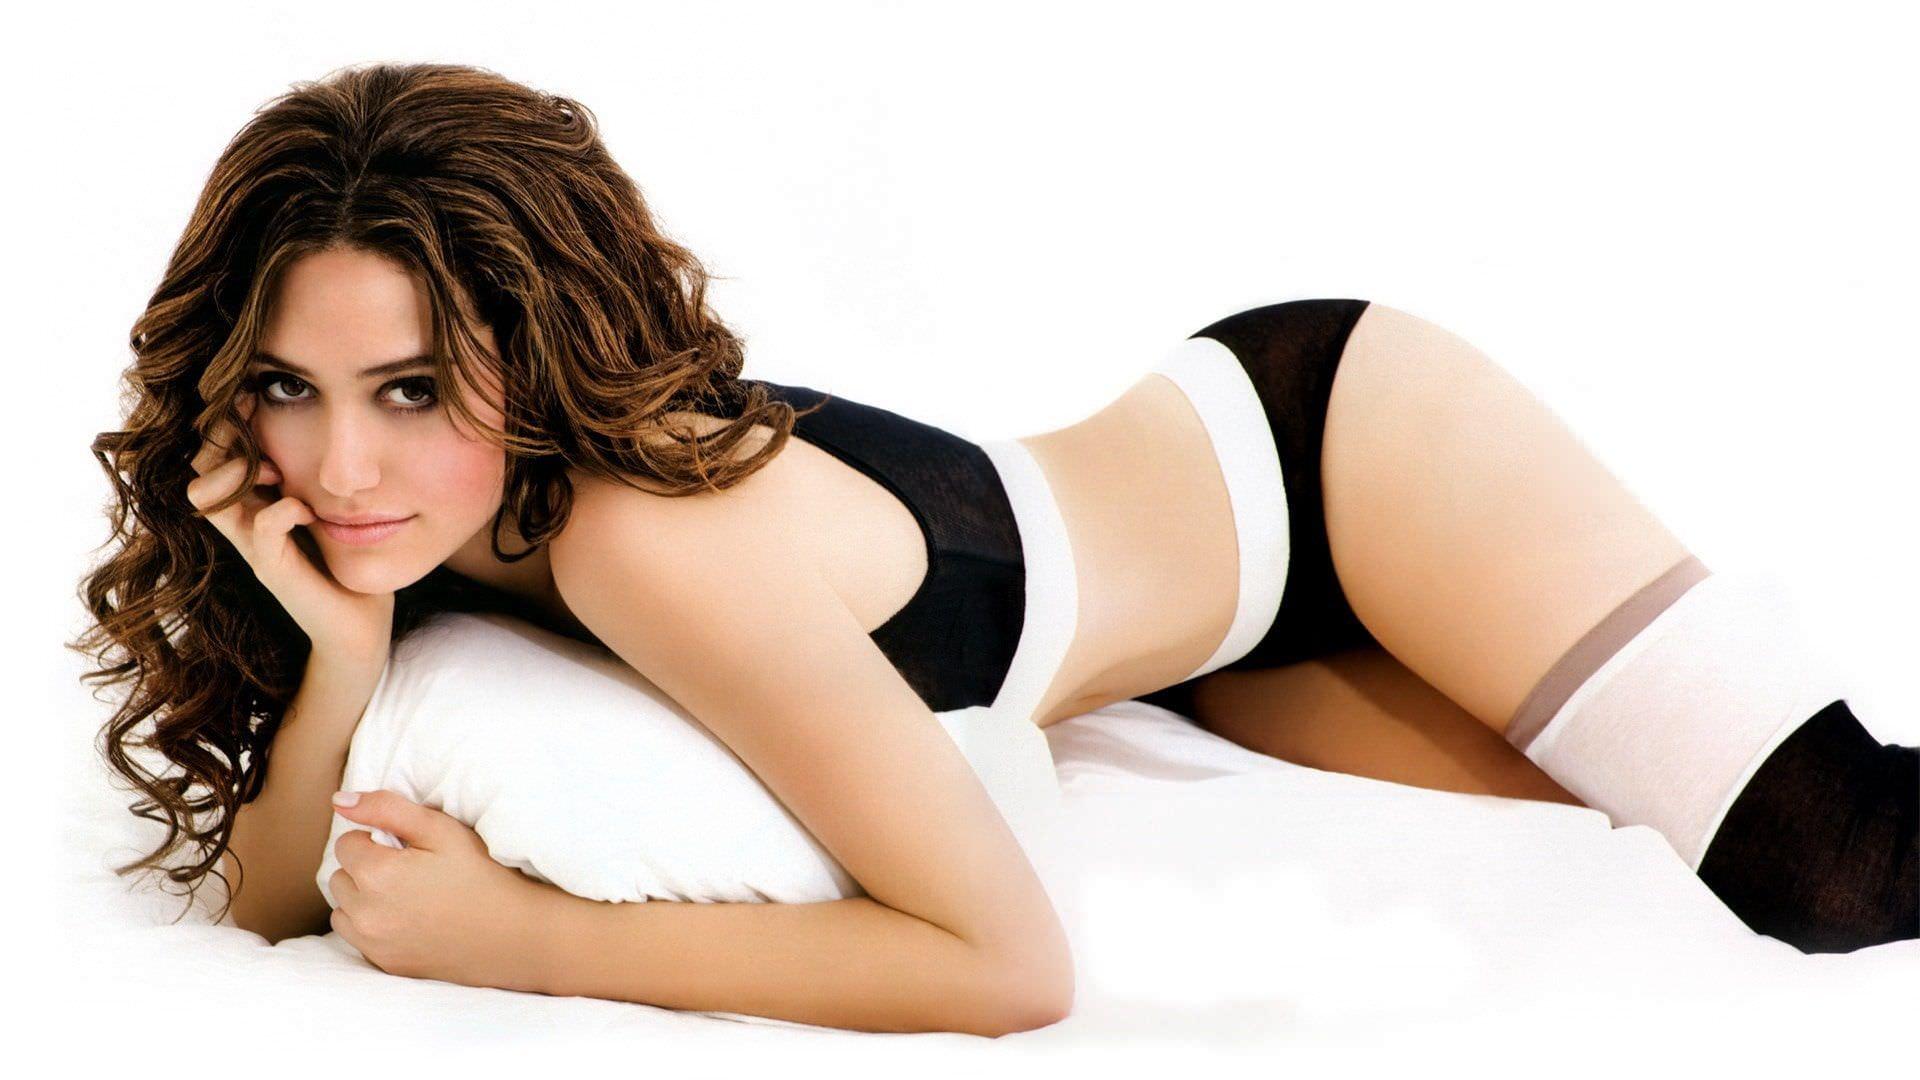 Минка Келли фото на постели